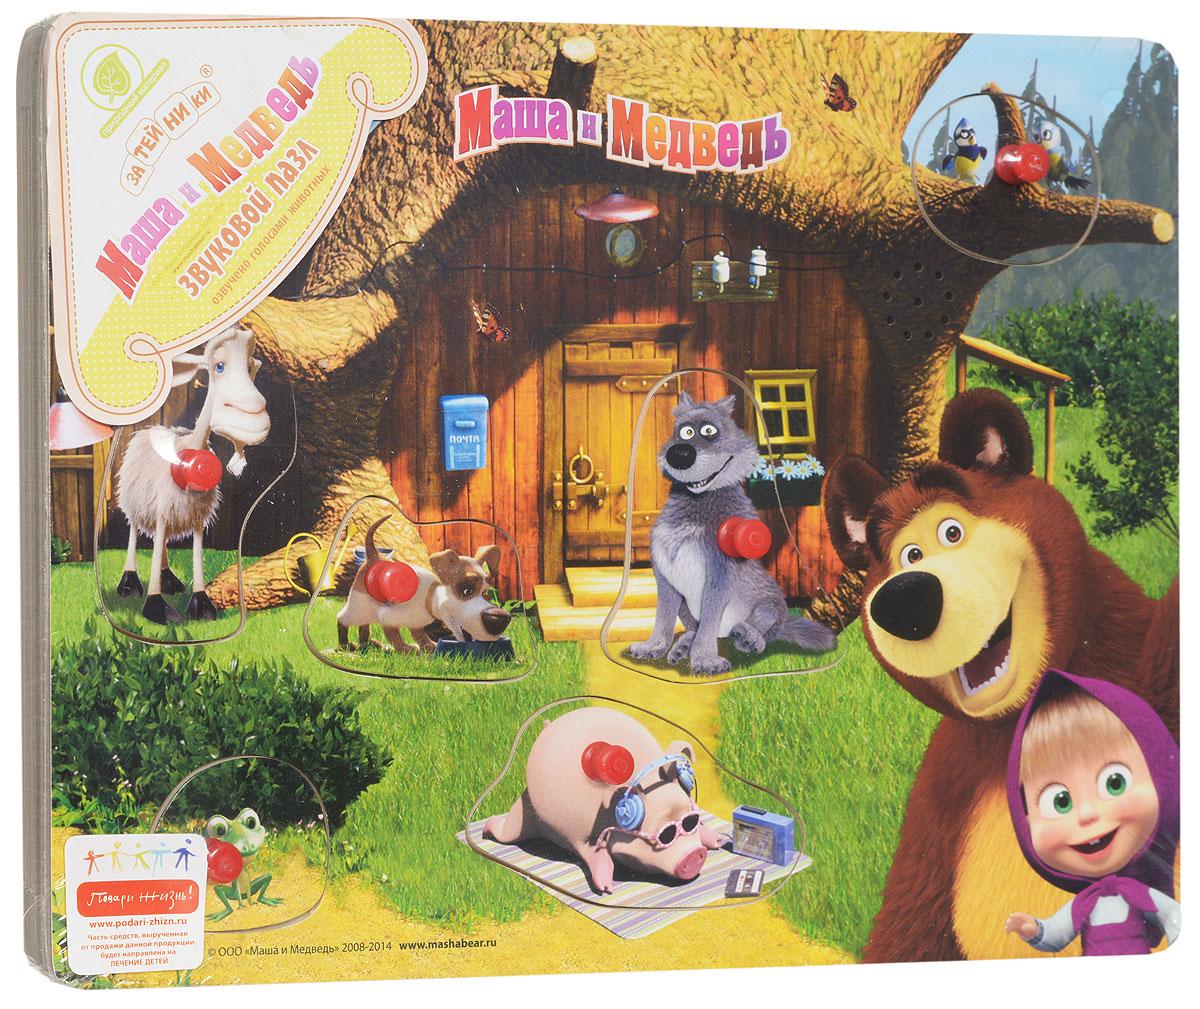 Маша и Медведь Пазл для малышей озвученный развивающая игра пазл маша и медведь 4 элемента